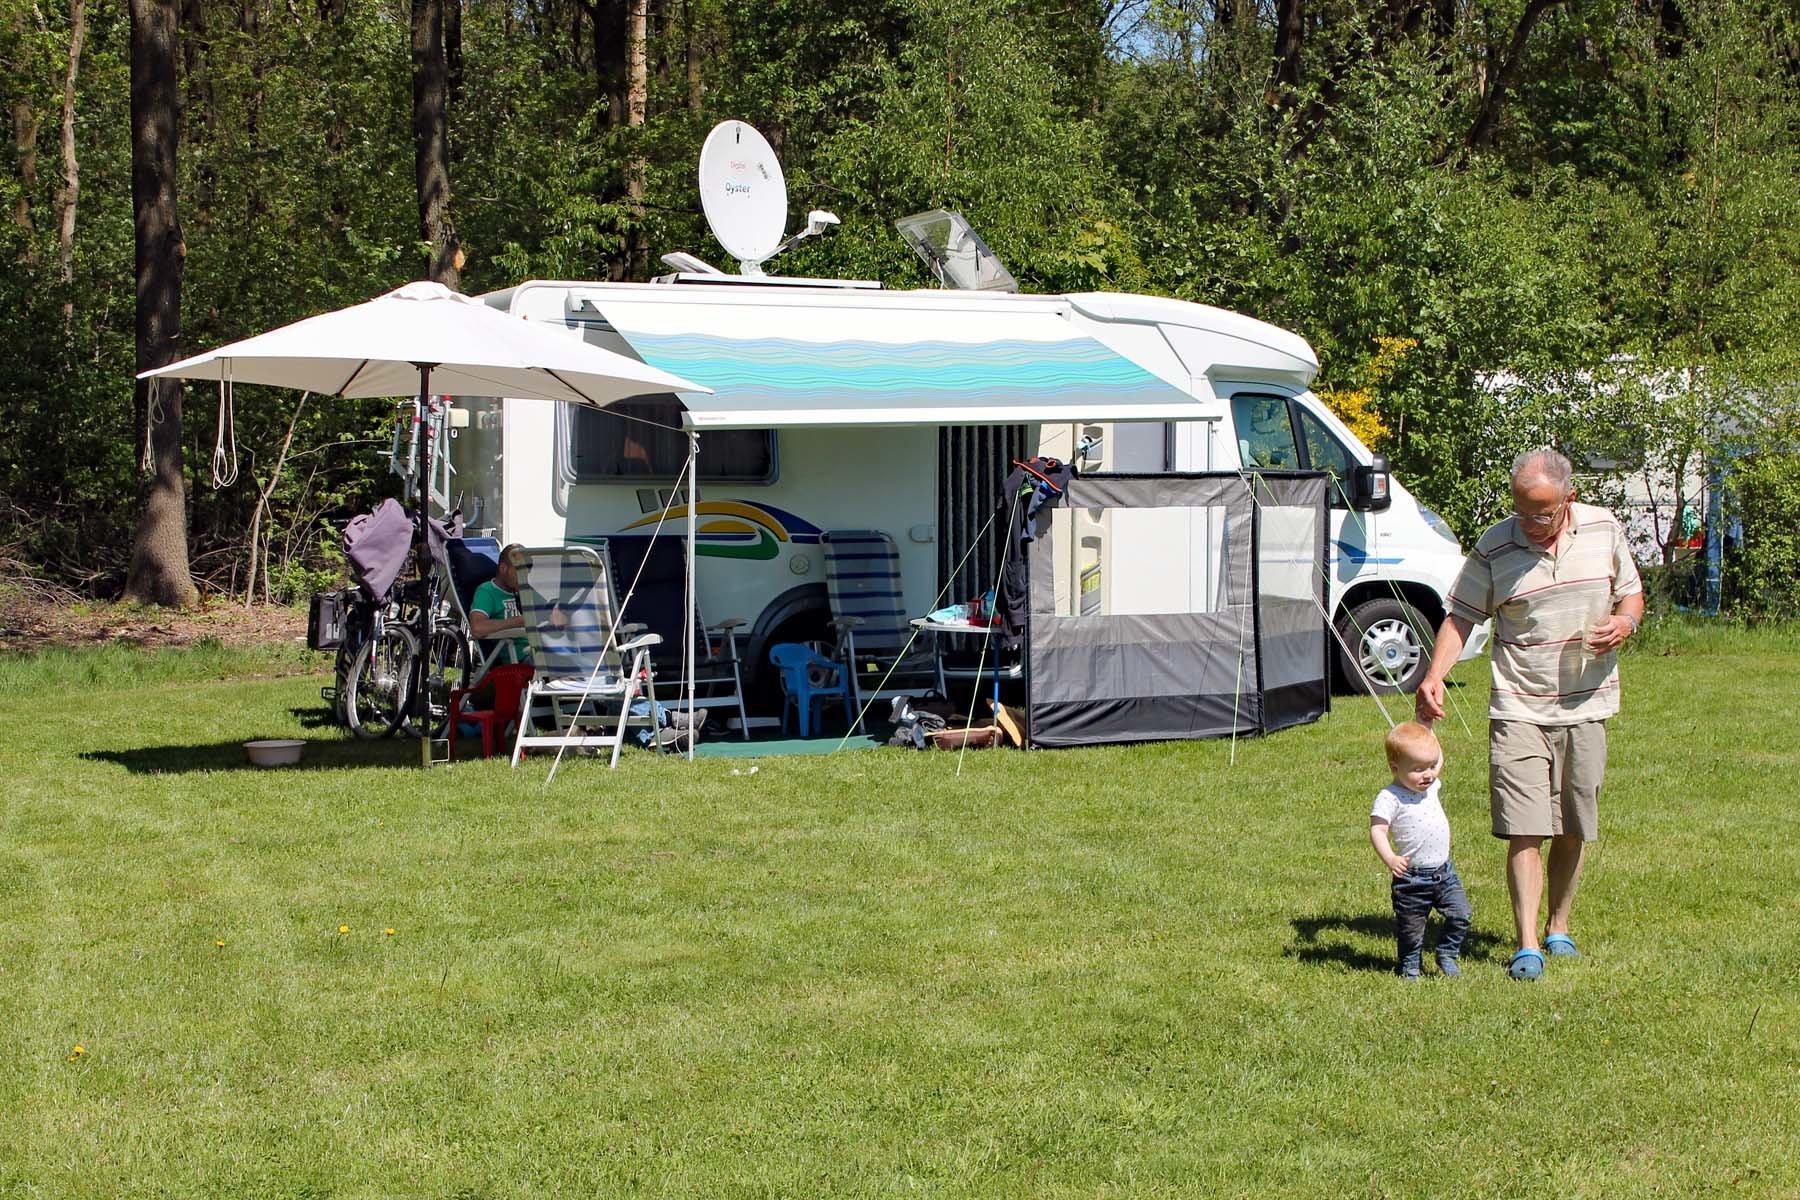 Camperplek in Drenthe